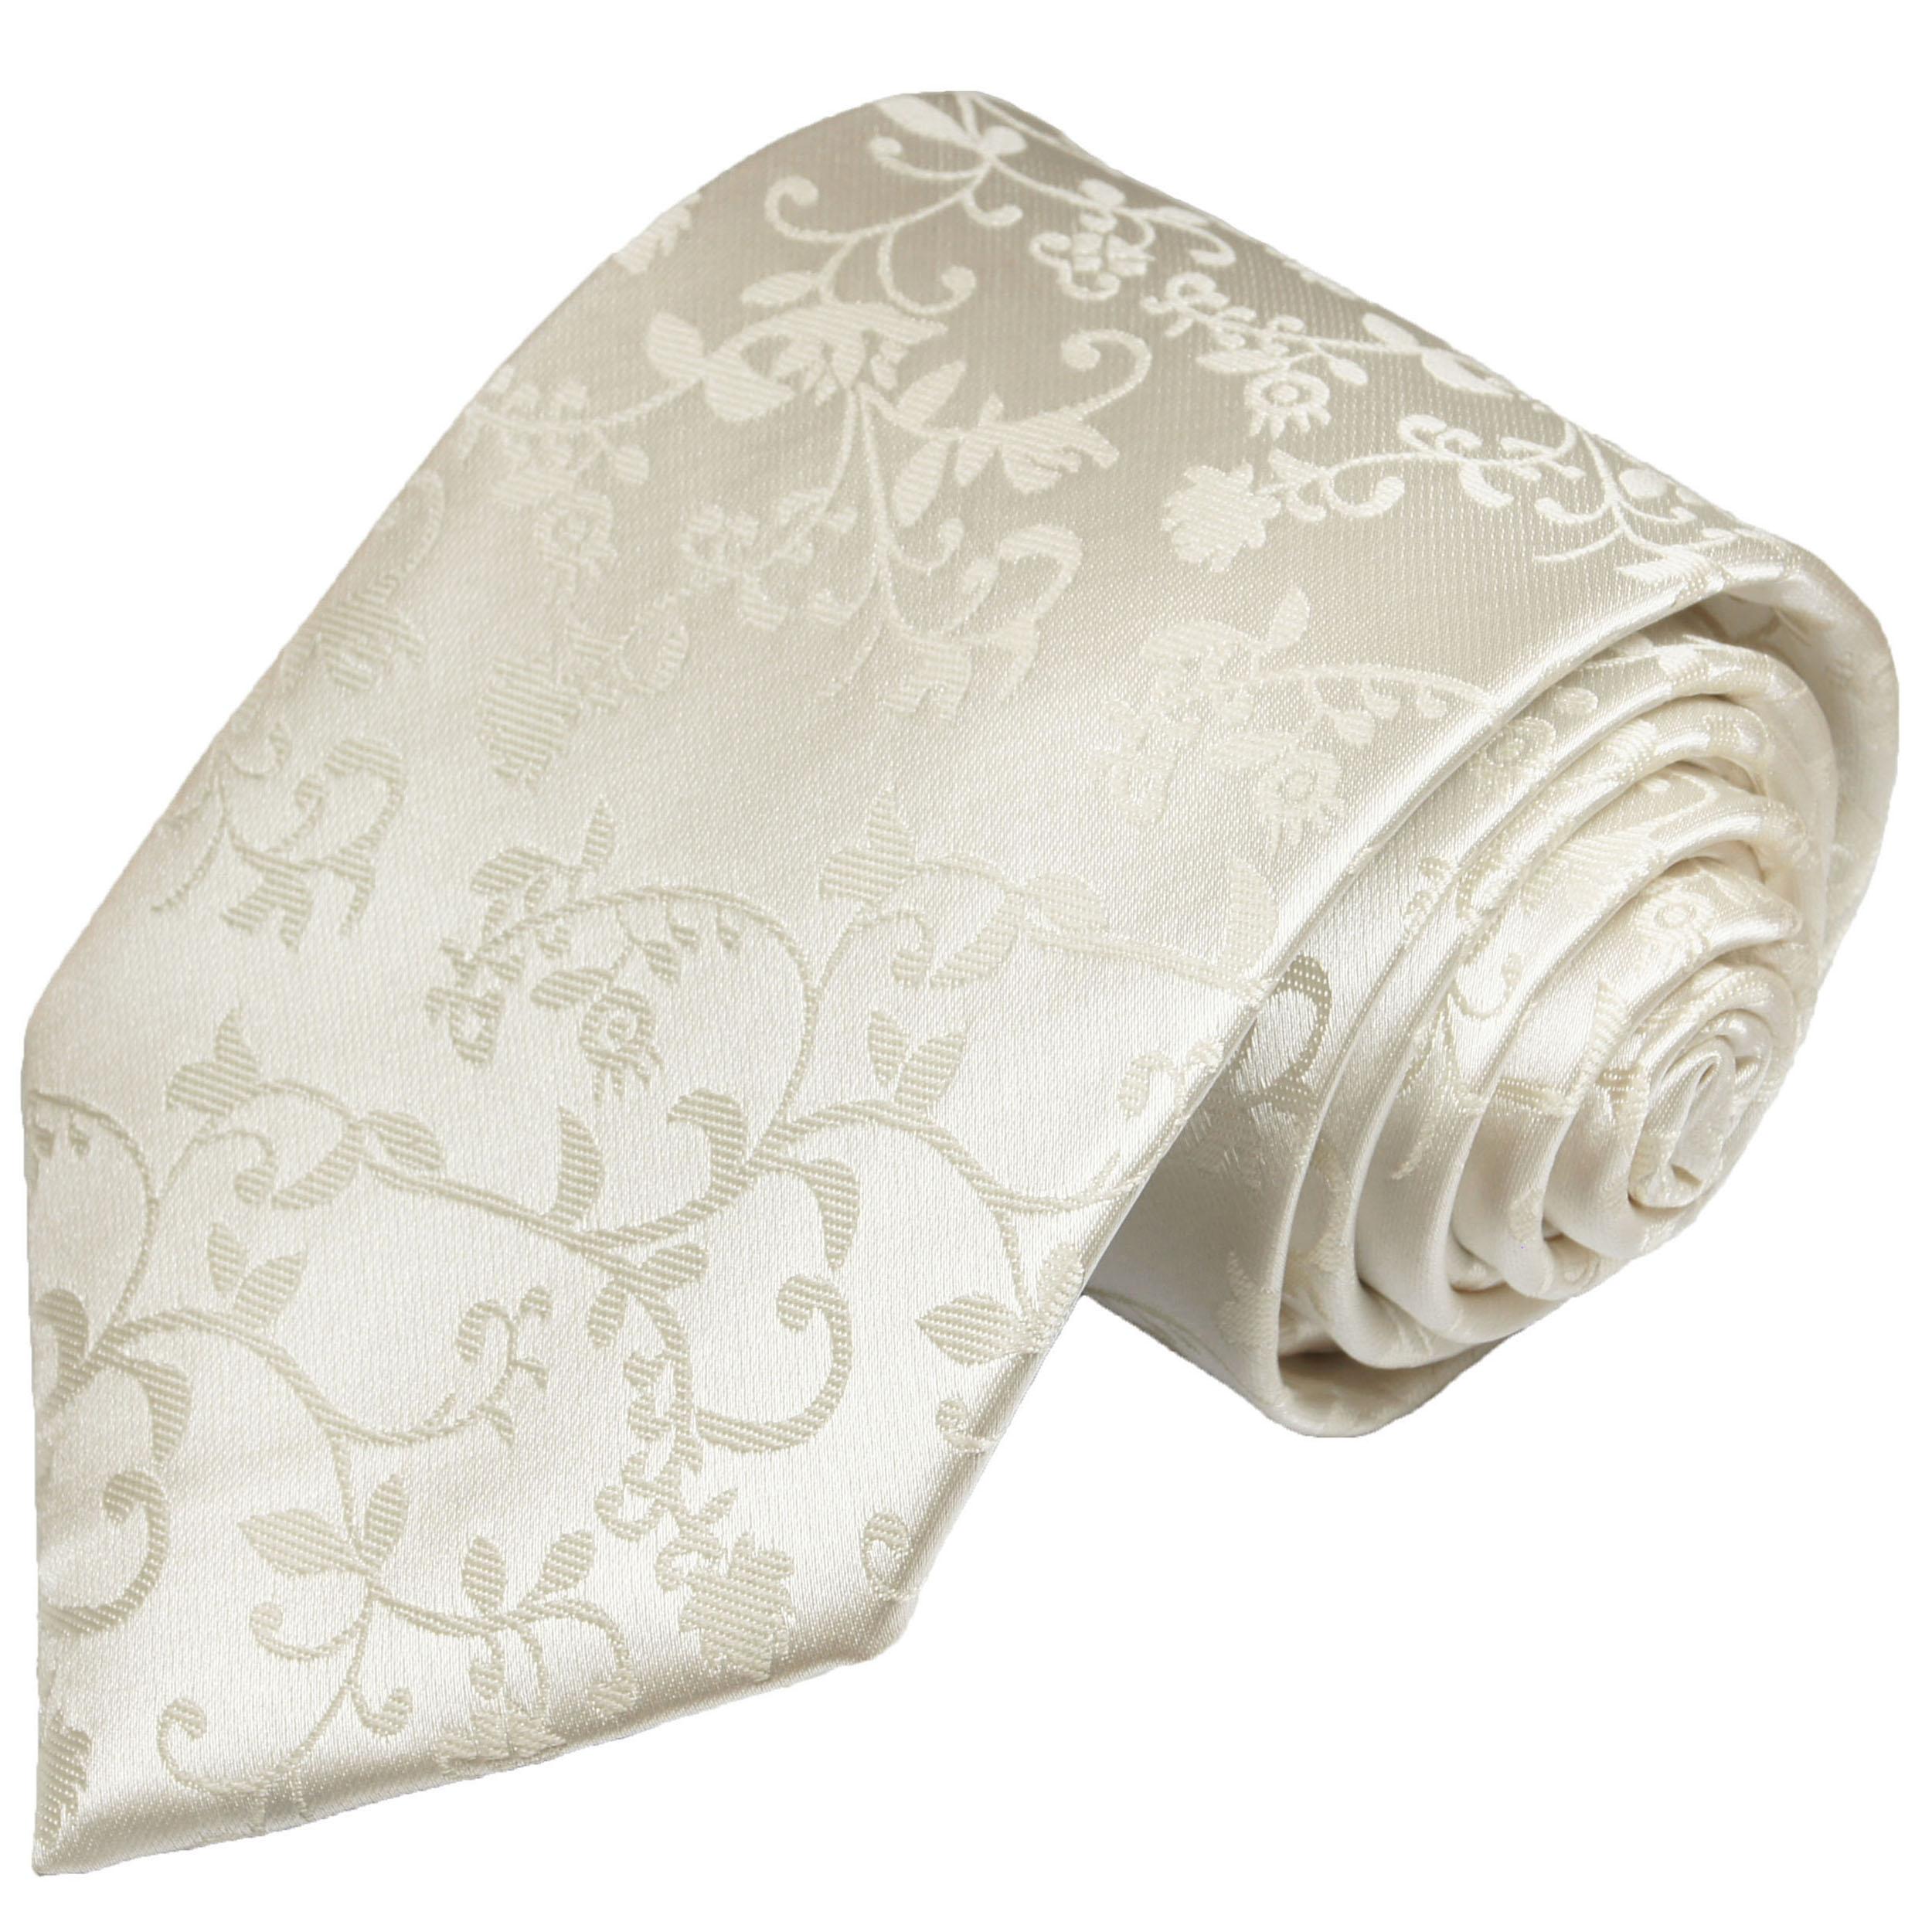 Normall/änge, Extralang oder schmal Paul Malone Krawatten Set 3tlg 100/% Seide rot kariert